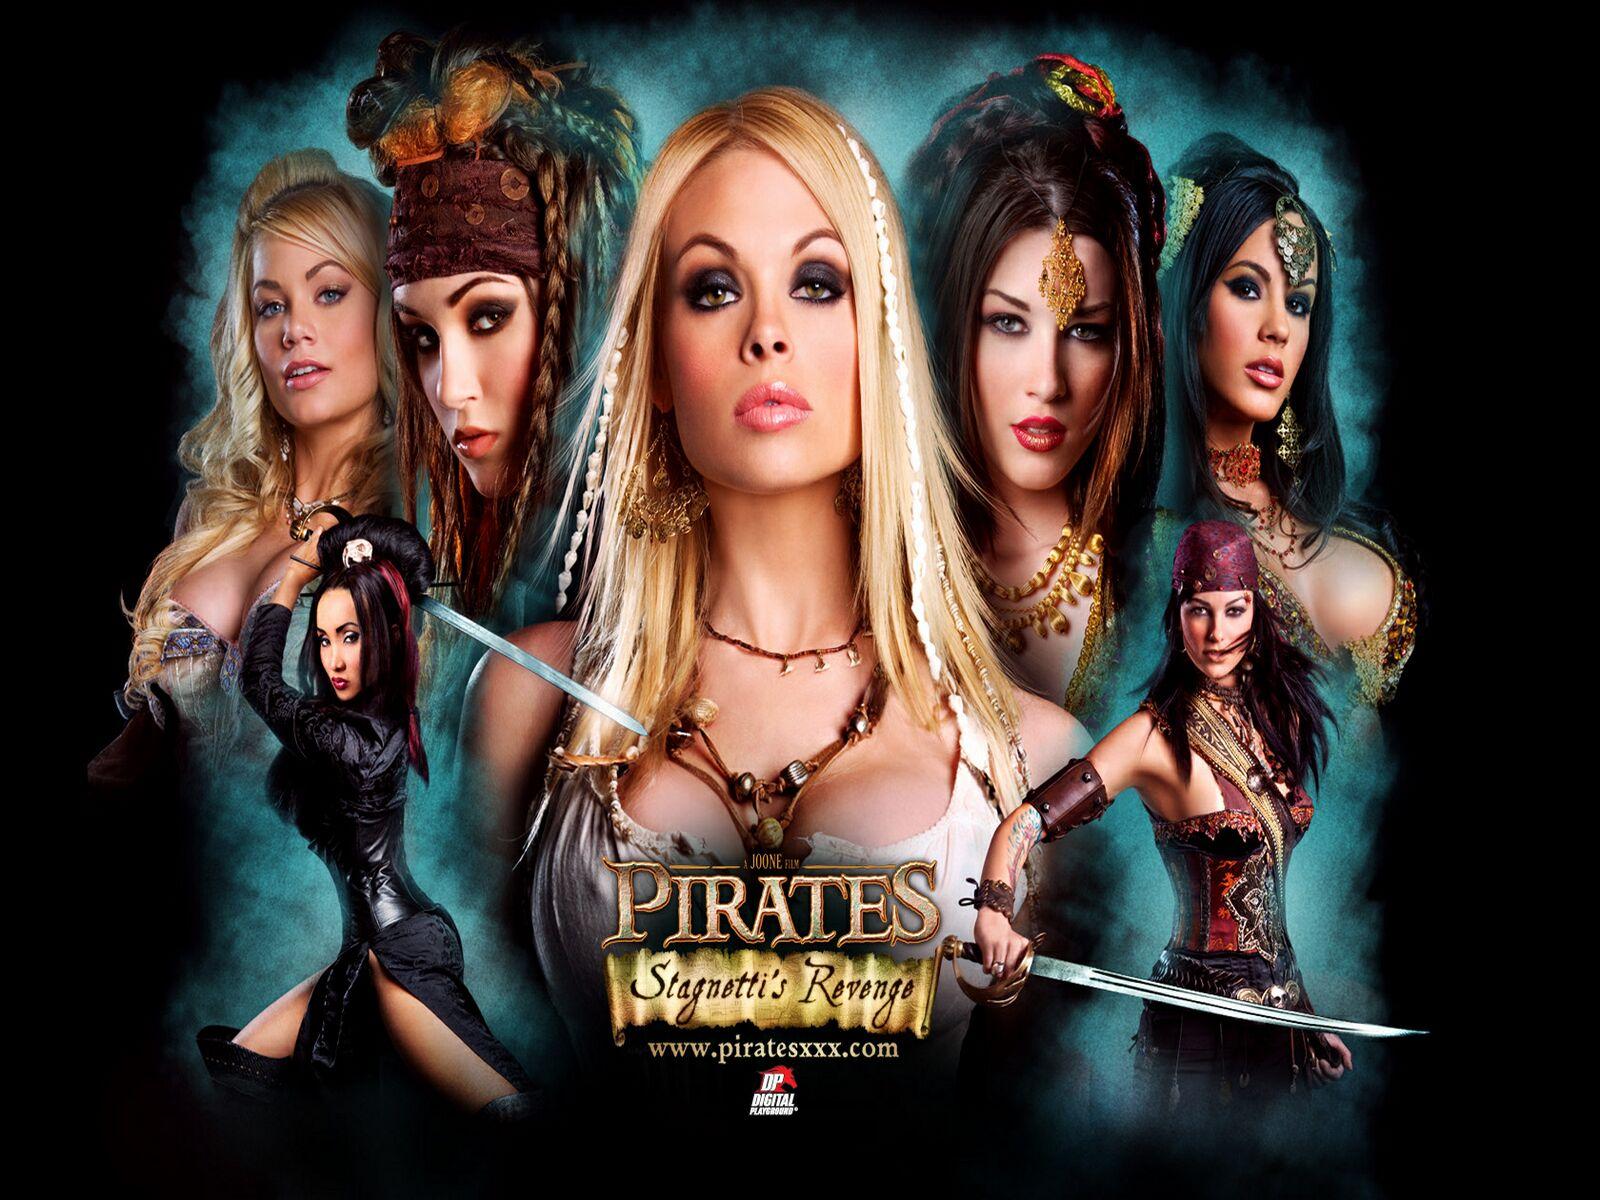 Смотреть пираты xxx 25 фотография